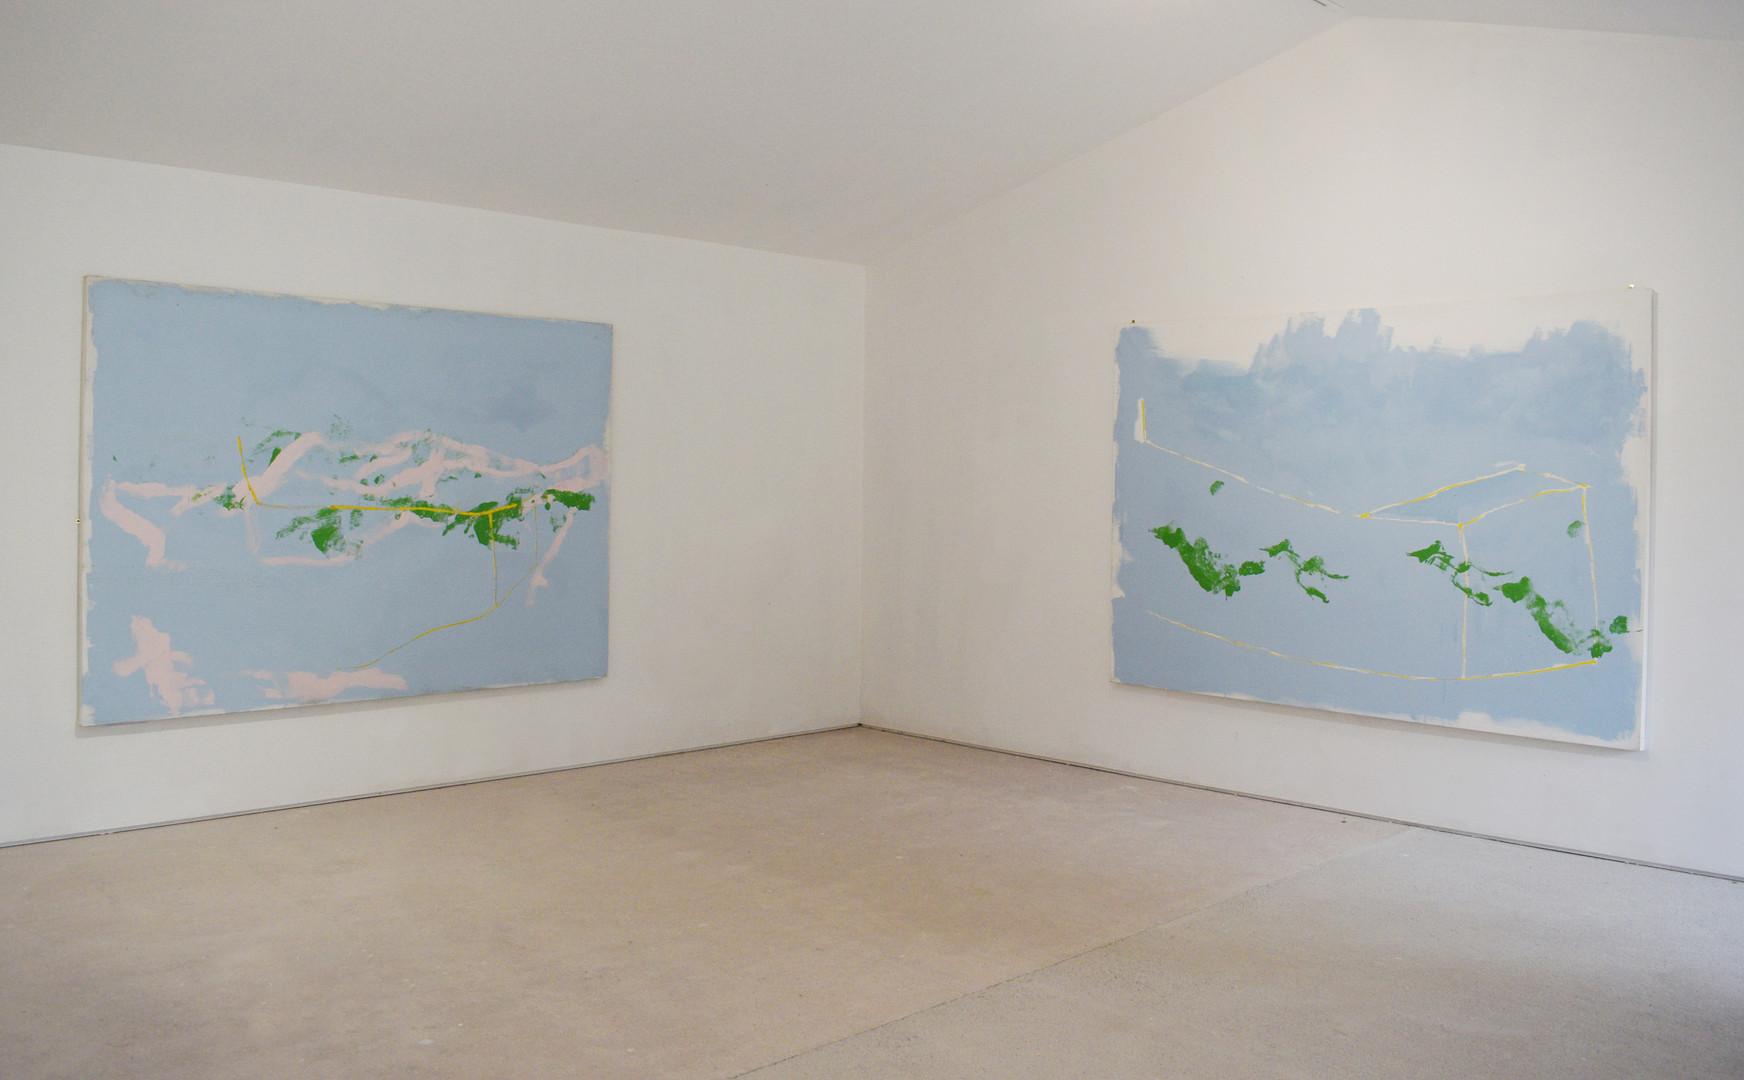 Paintings by Magnus Hammick